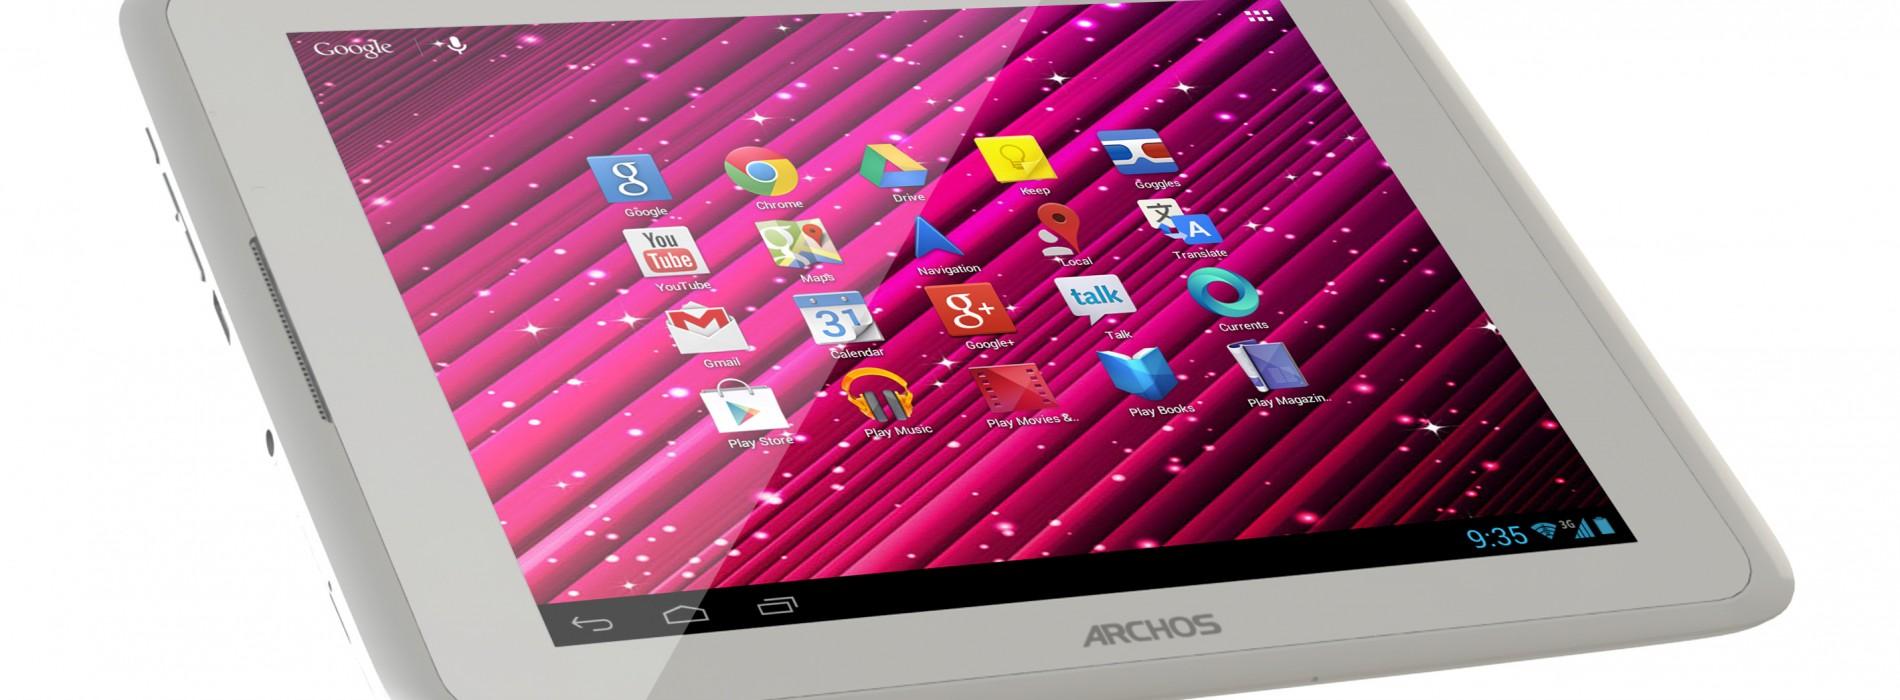 Archos intros 3G-ready 80 Xenon tablet